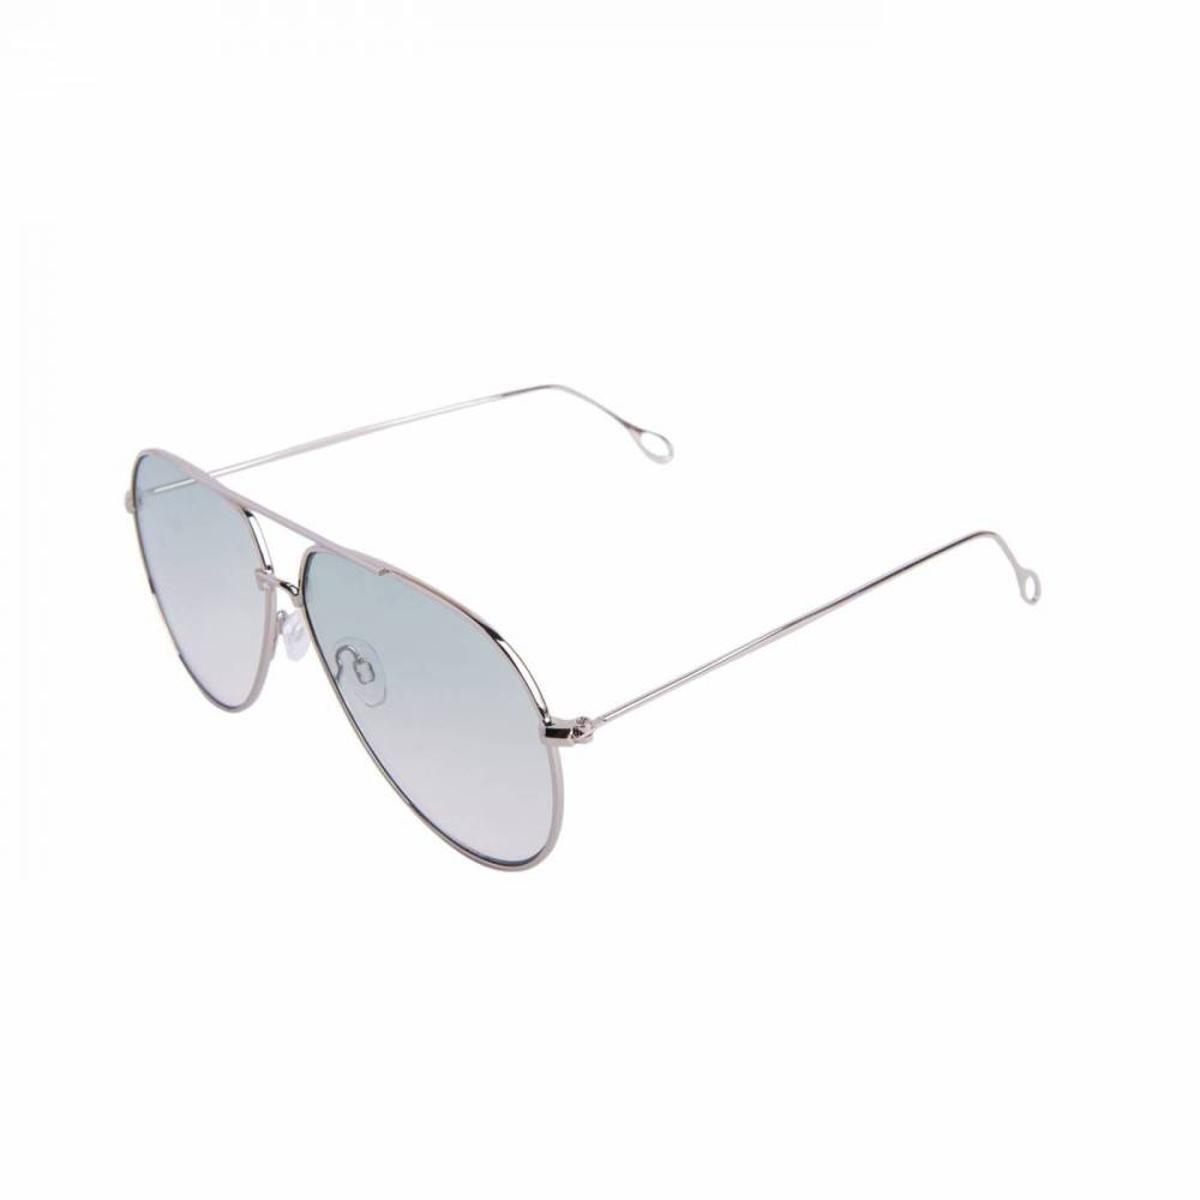 5fc2d67c2b348 Óculos Marielas Aviador Feminino - Prata - Compre Agora   Netshoes